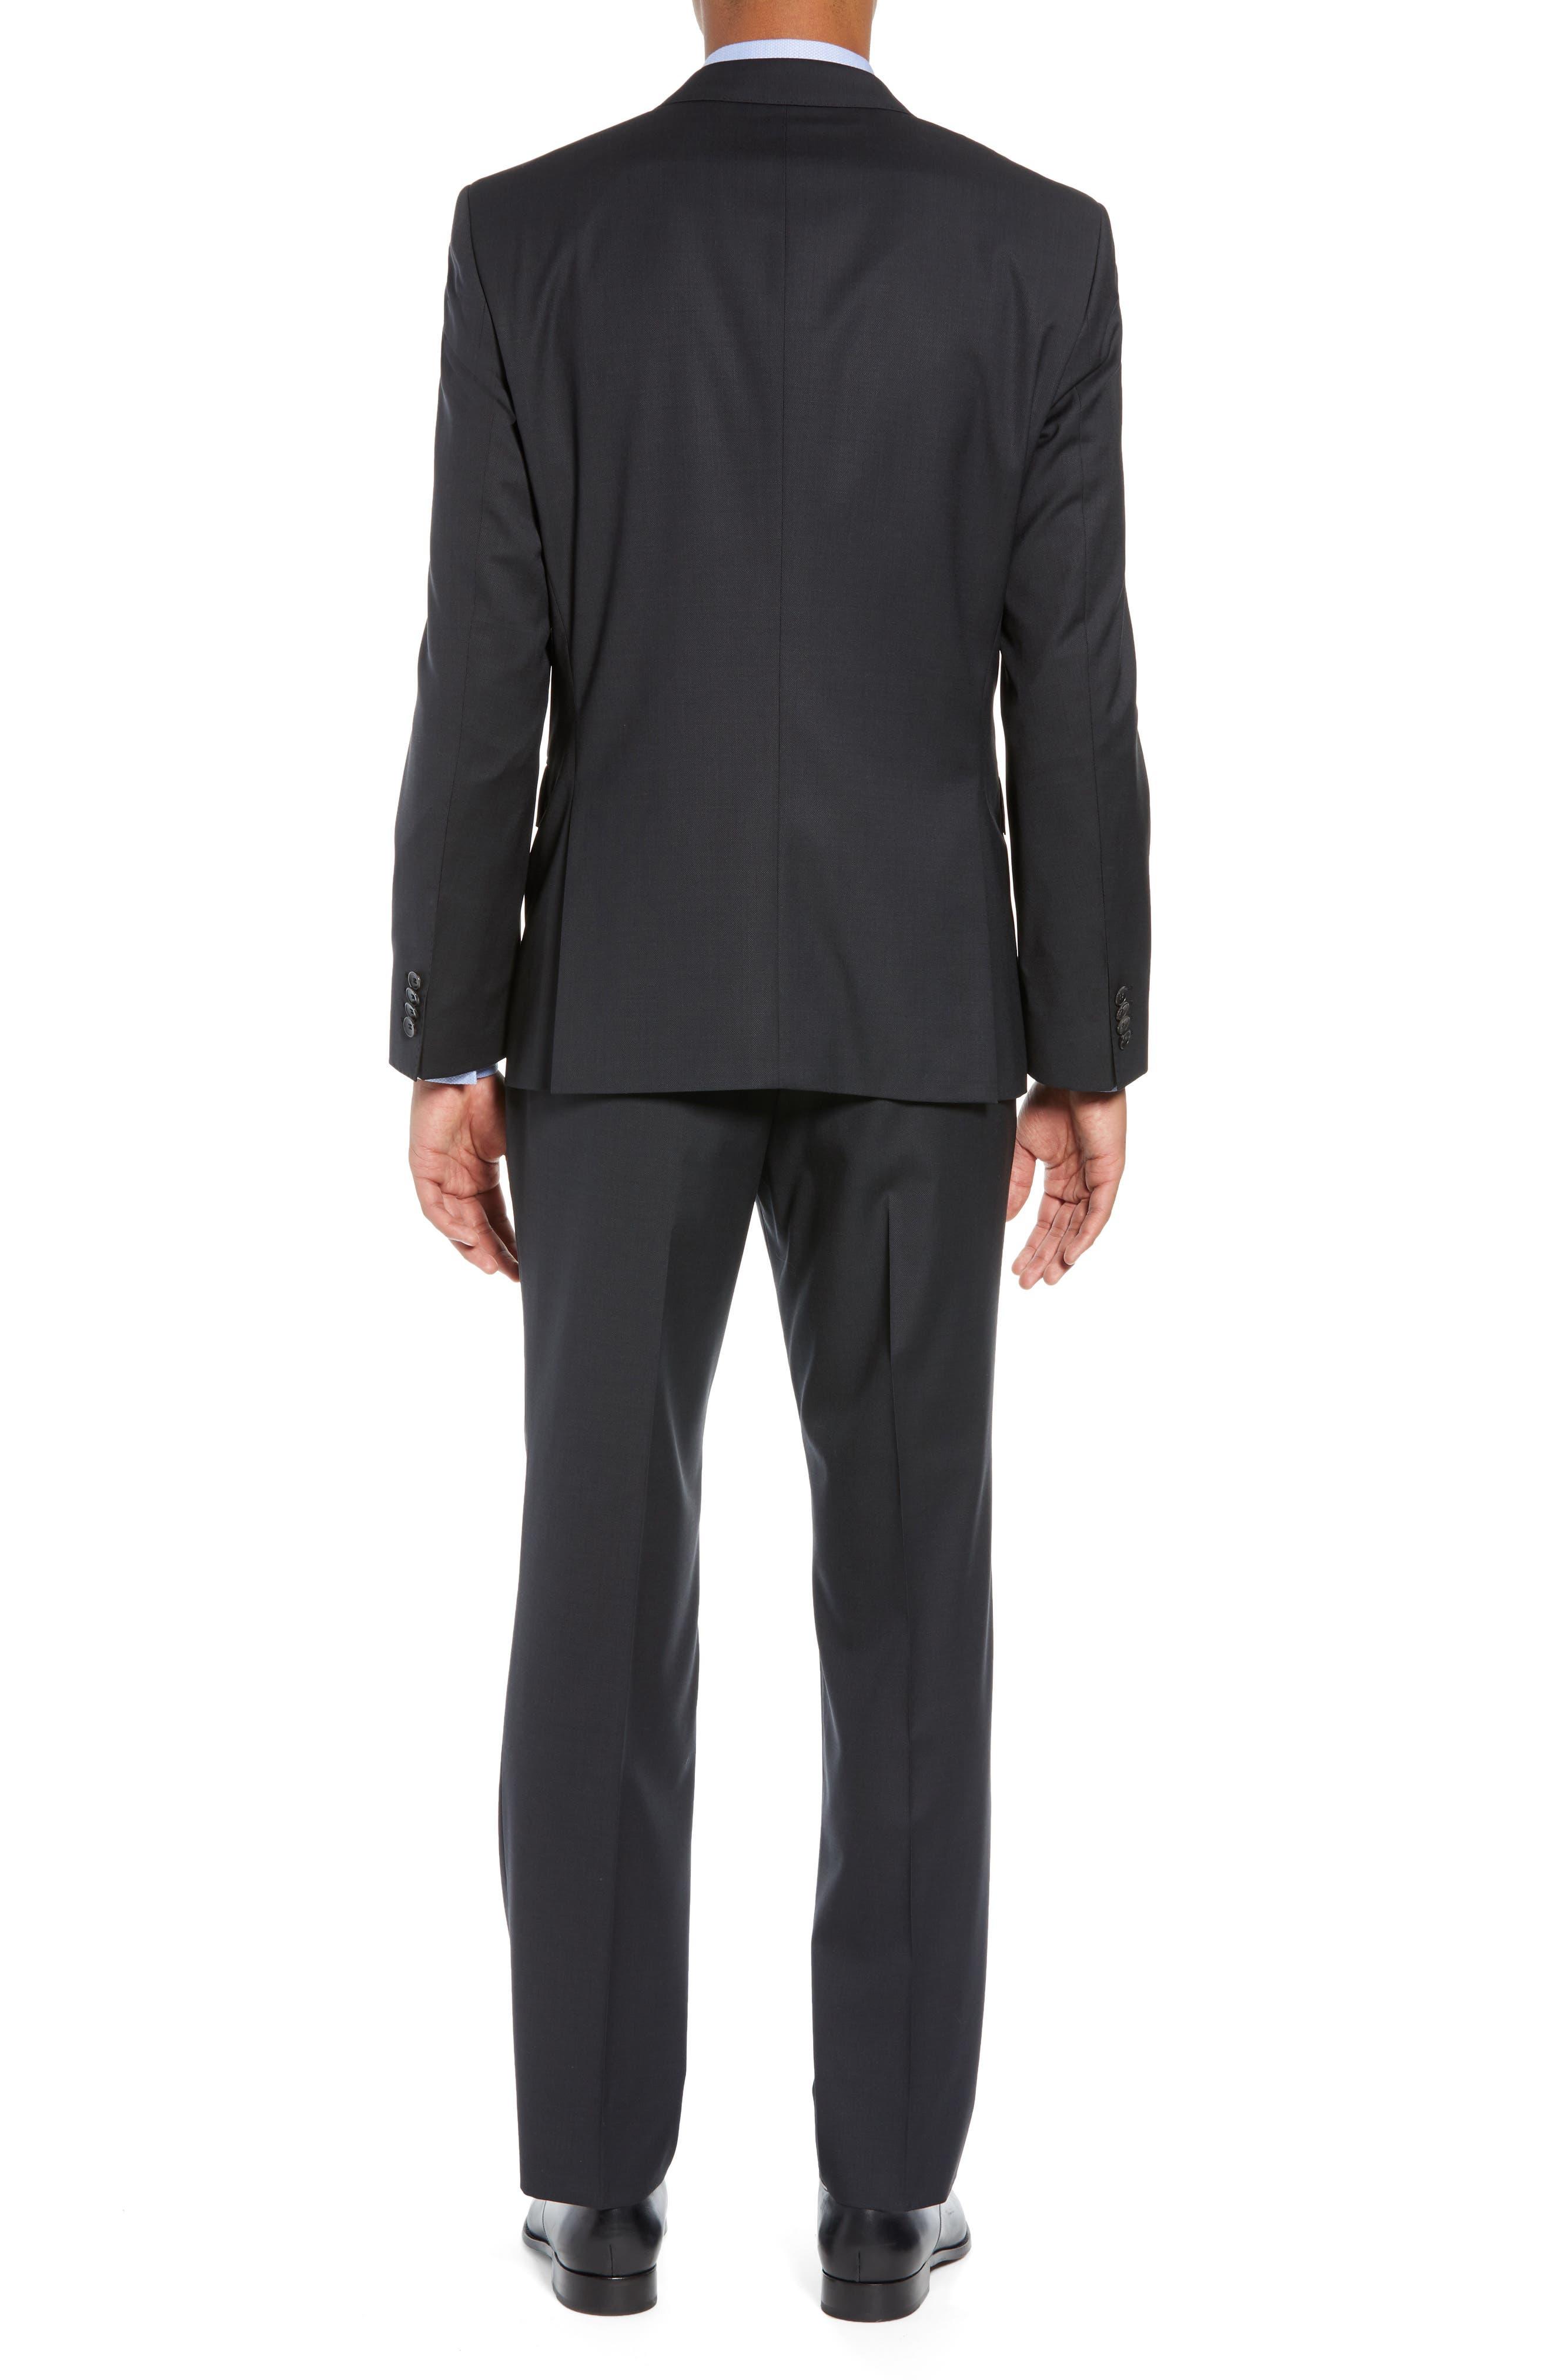 BOSS,                             Helward/Genius Trim Fit Solid Three Piece Wool Suit,                             Alternate thumbnail 3, color,                             DARK GREY